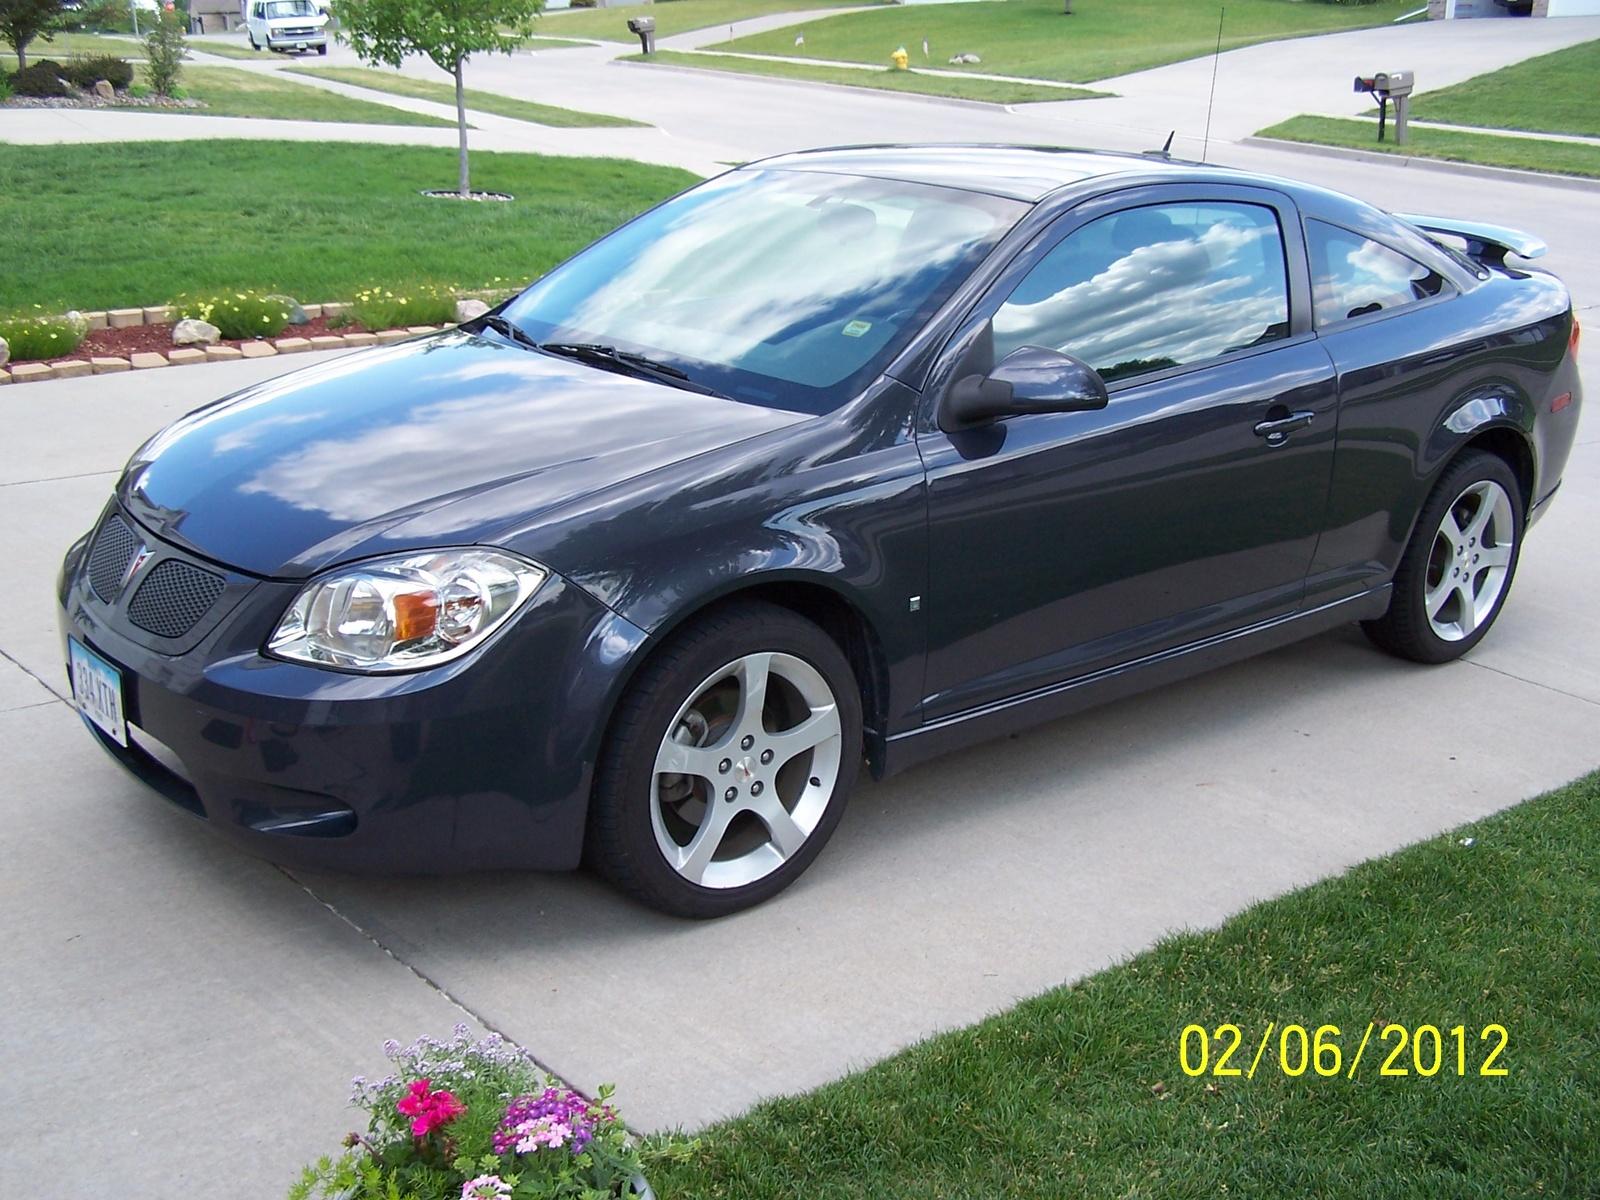 2009 Pontiac G5 - Pictures - Picture of 2009 Pontiac G5 GT - CarGurus